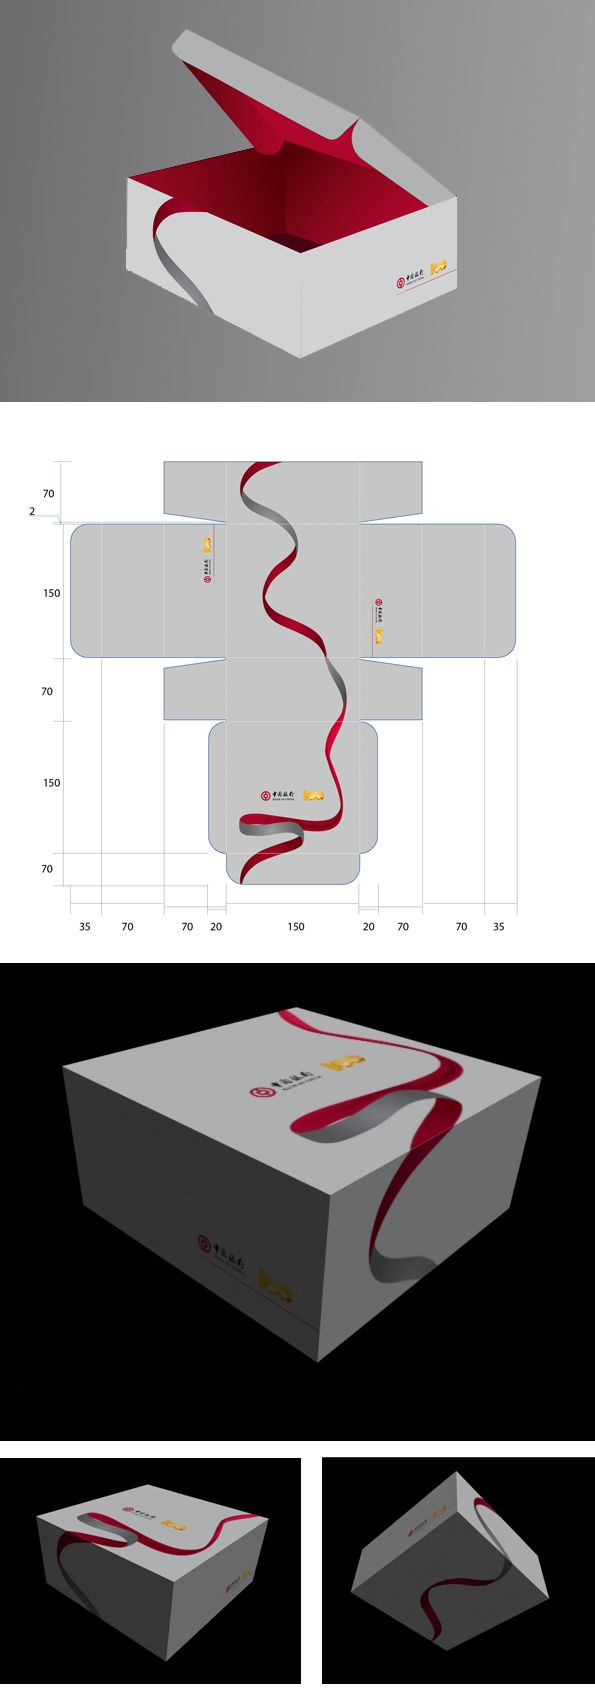 разработка подарочной коробки